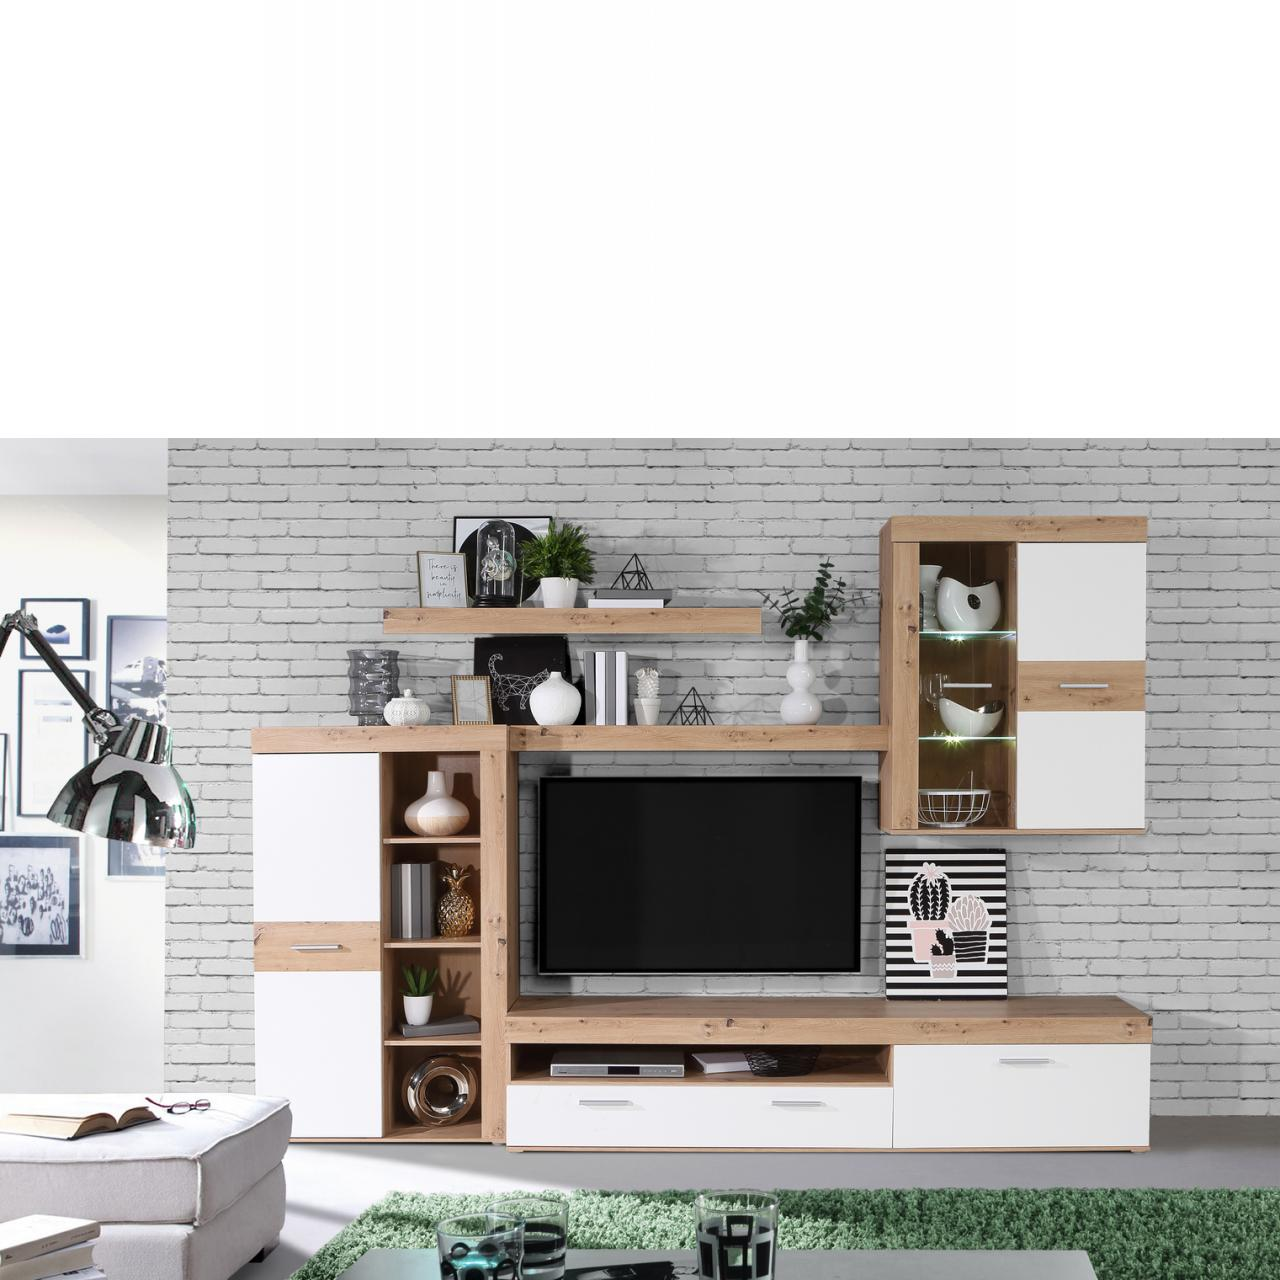 Wohnwand Atyzon Artisan Eiche weiß Wohnzimmer 5-tlg Anbauwand TV-Wohnlösung